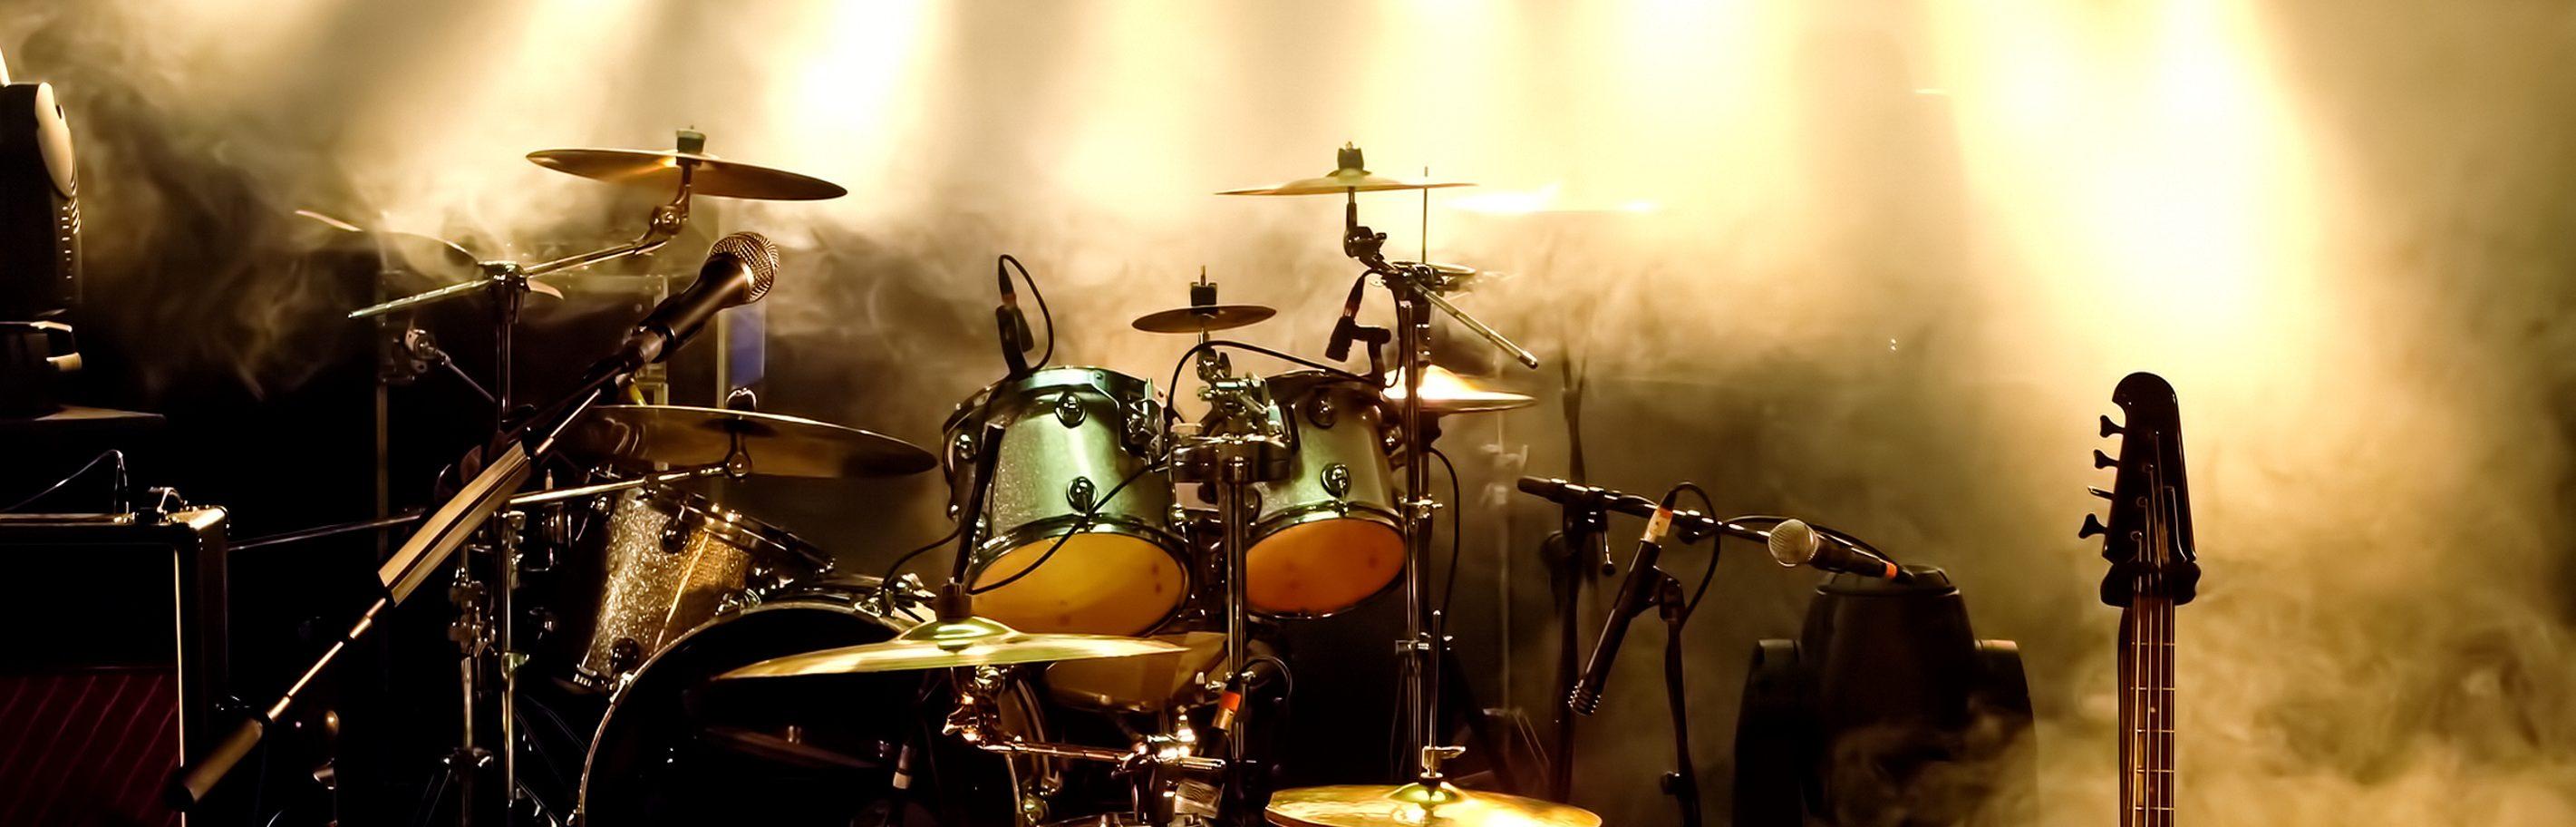 Willst Du in einer Band spielen? Sucht Deine Band noch Musiker?